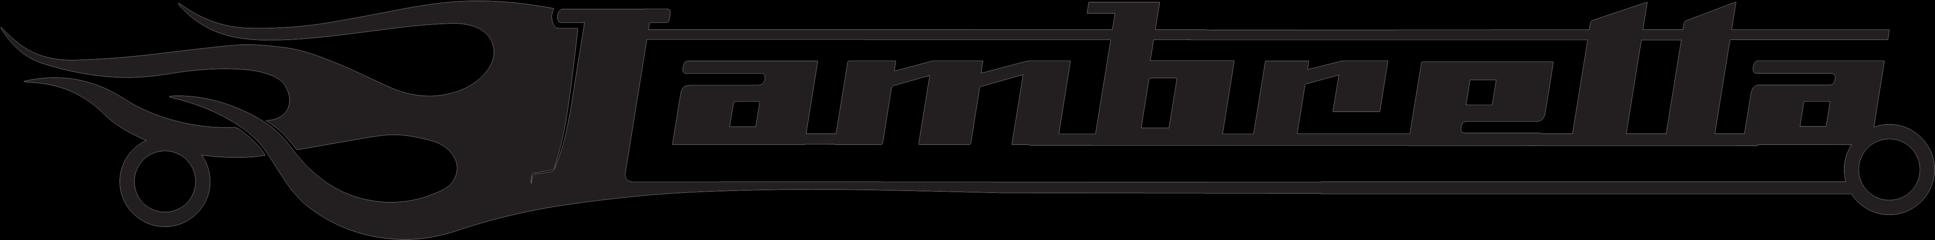 Scritta personalizzata by Custom Lambretta